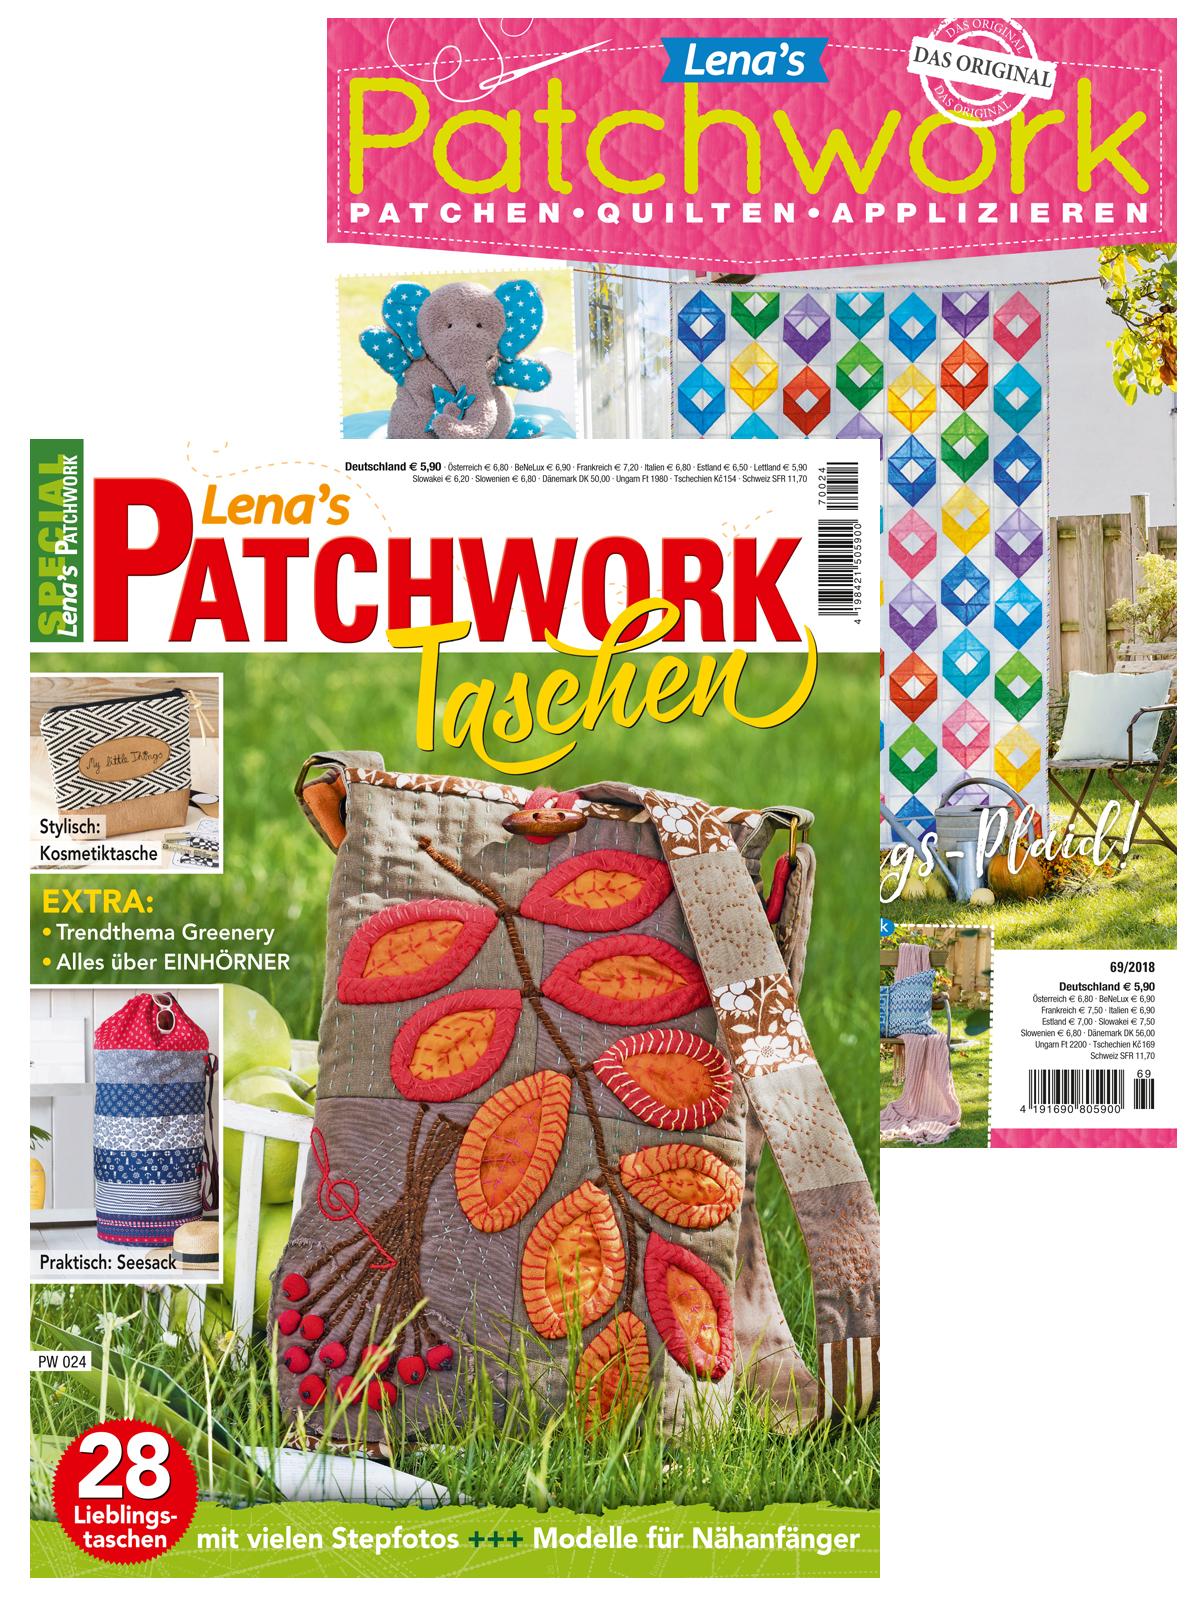 Zwei Zeitschriften im supergünstigen Sparpaket! PW 024  Taschen und Lenas Patchwork Nr. 69/2018